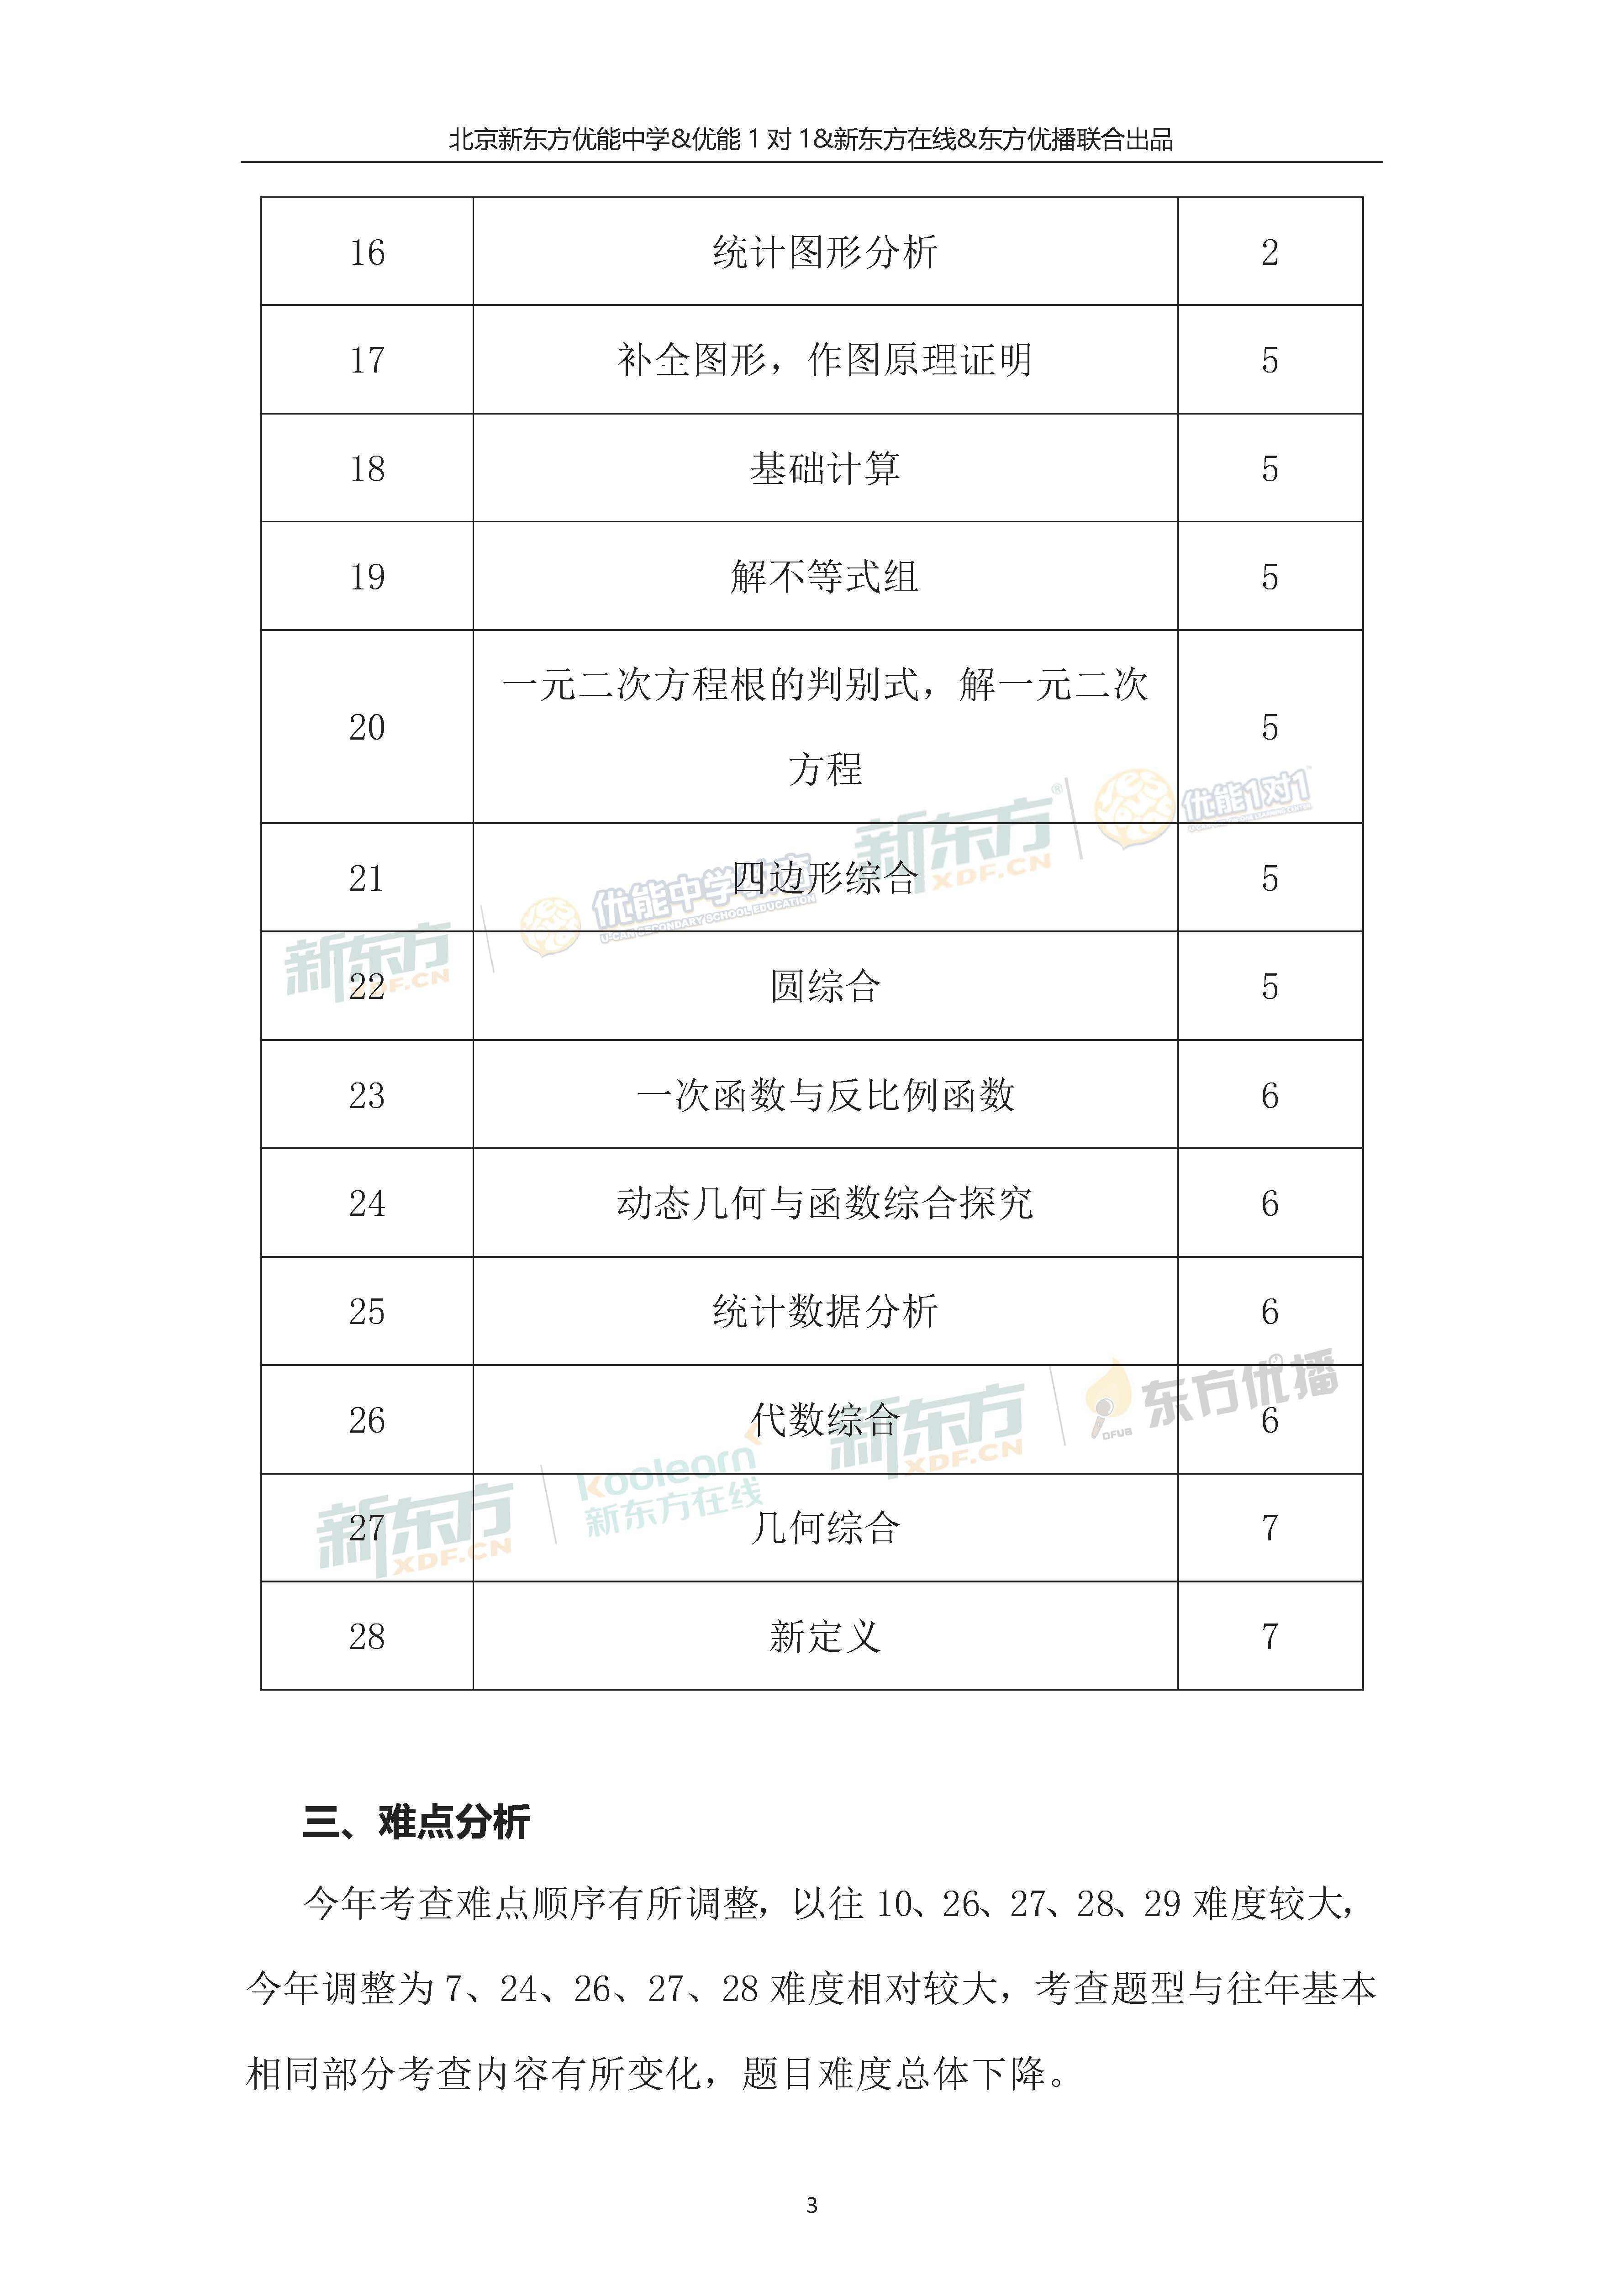 2018北京中考数学整体评析:对学生基本功要求更高